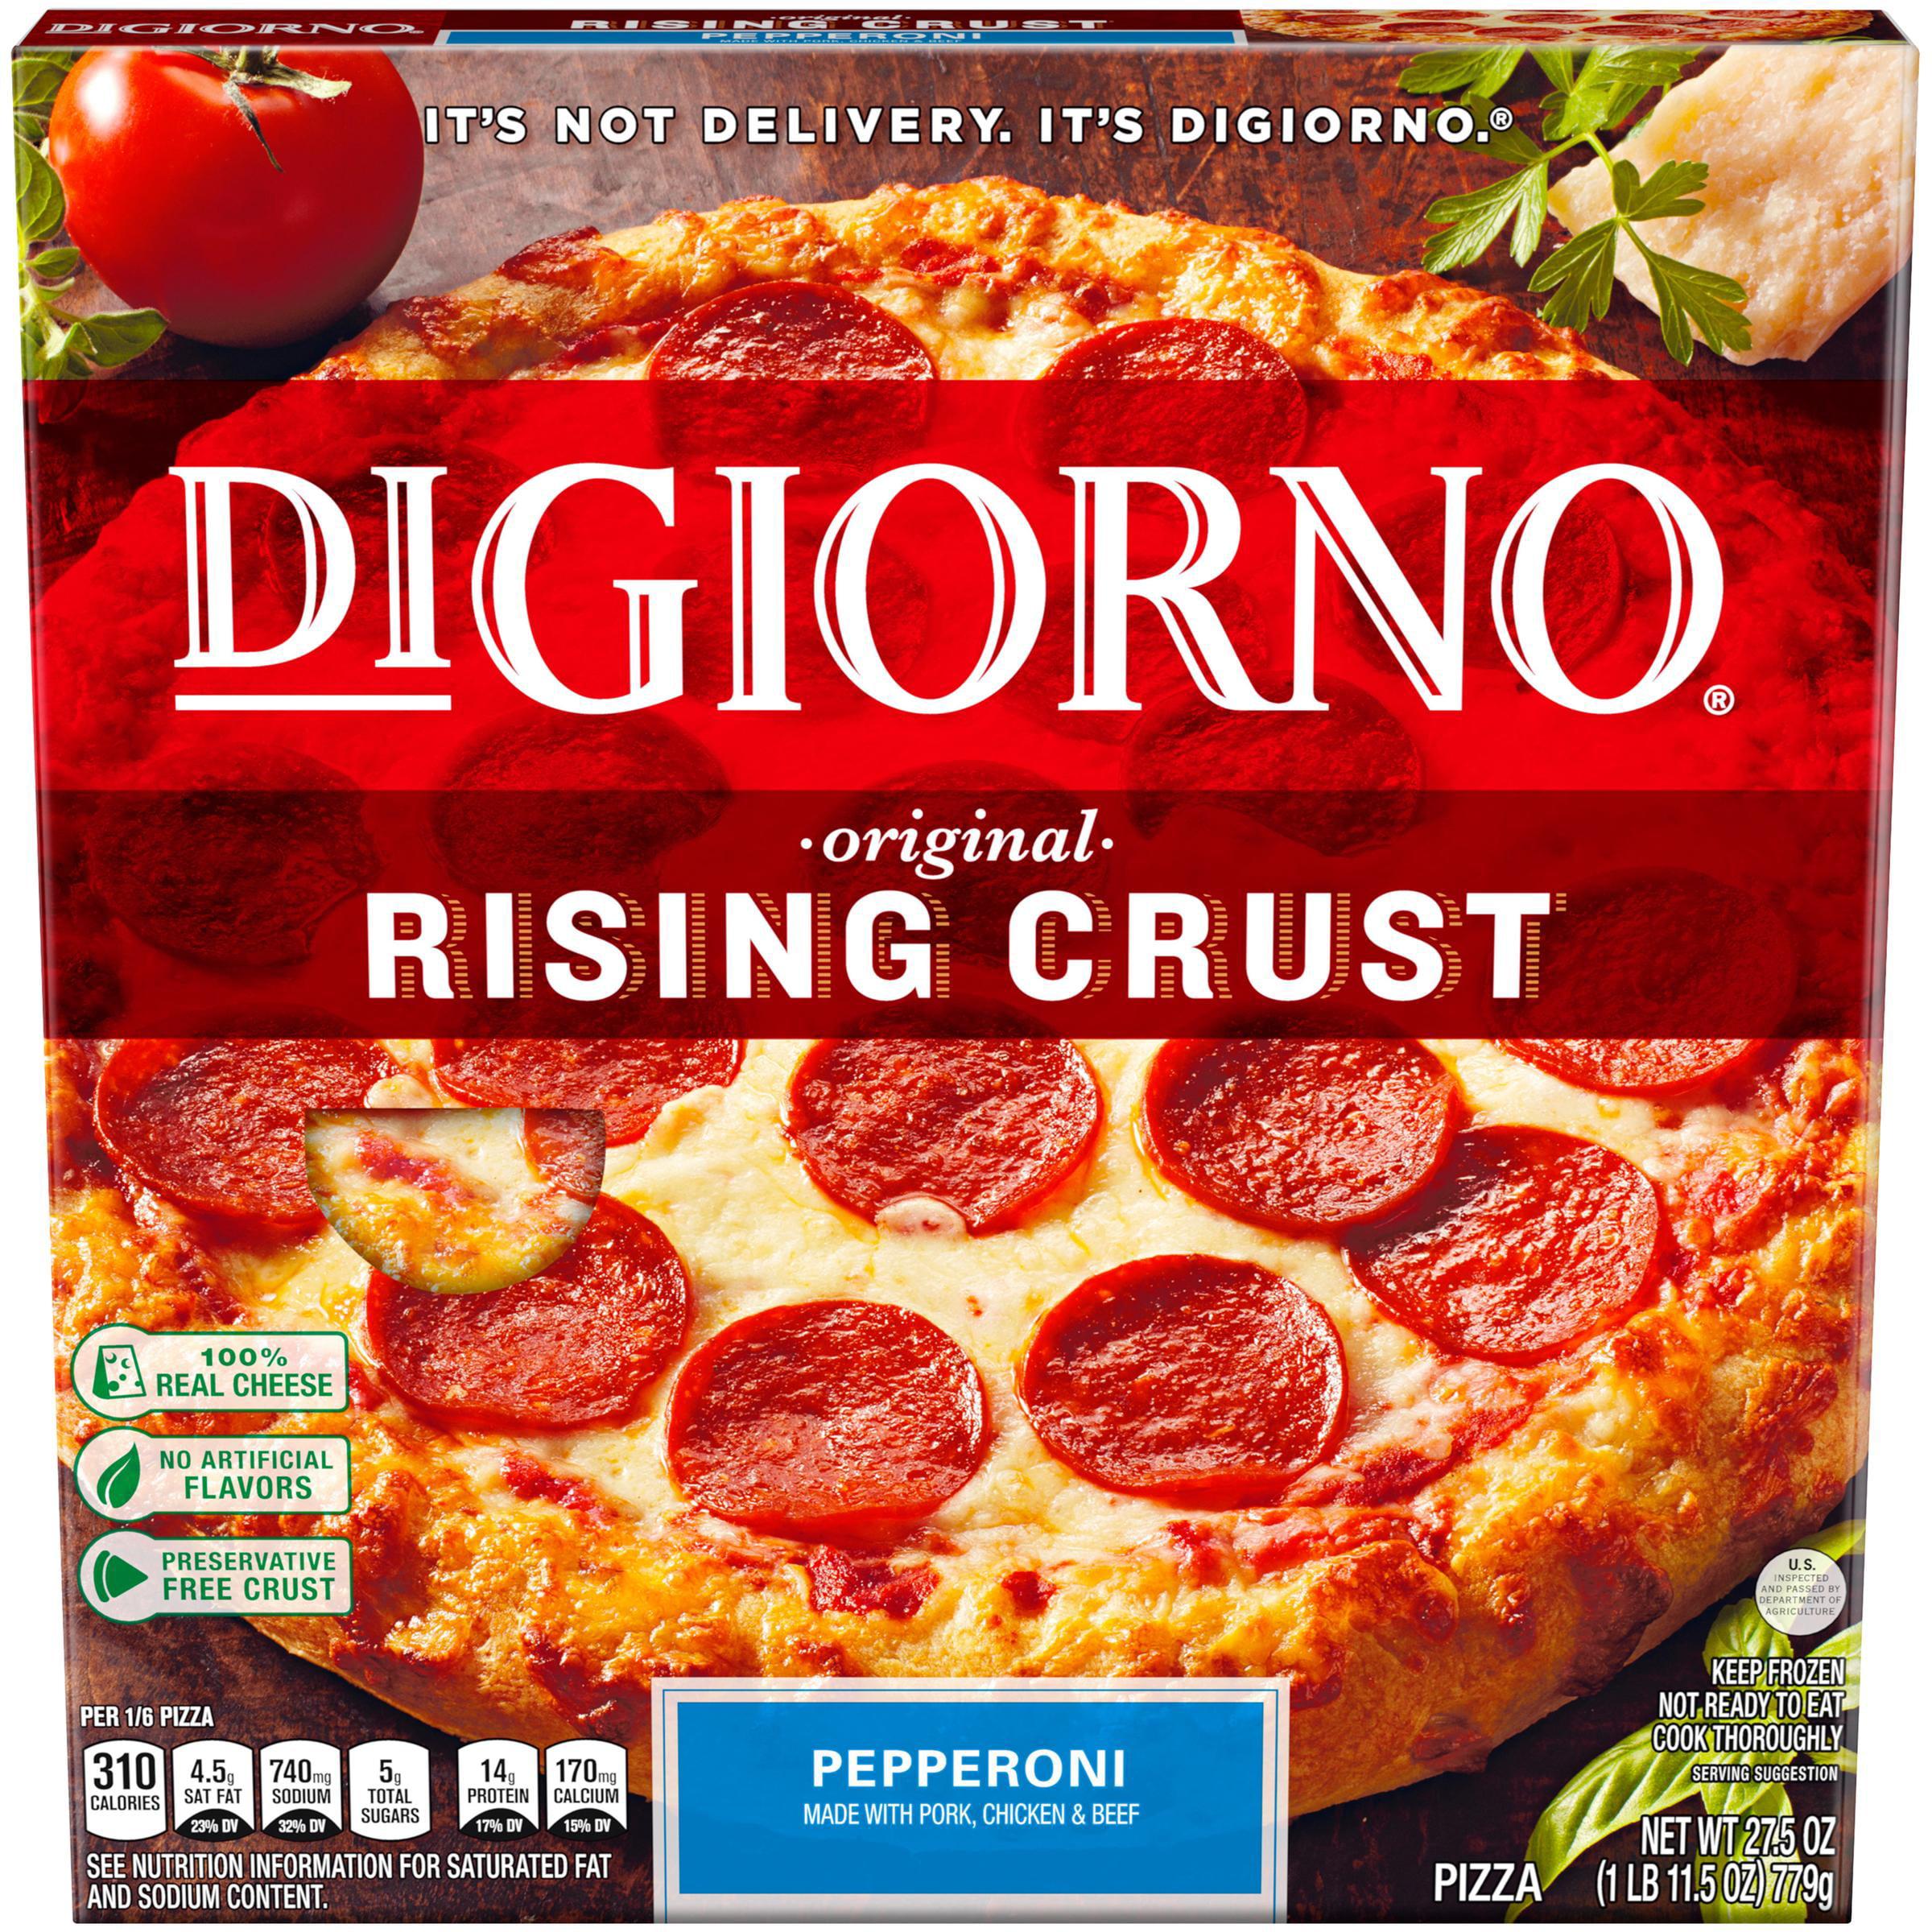 digiorno original rising crust pepperoni frozen pizza 27.5 oz. box